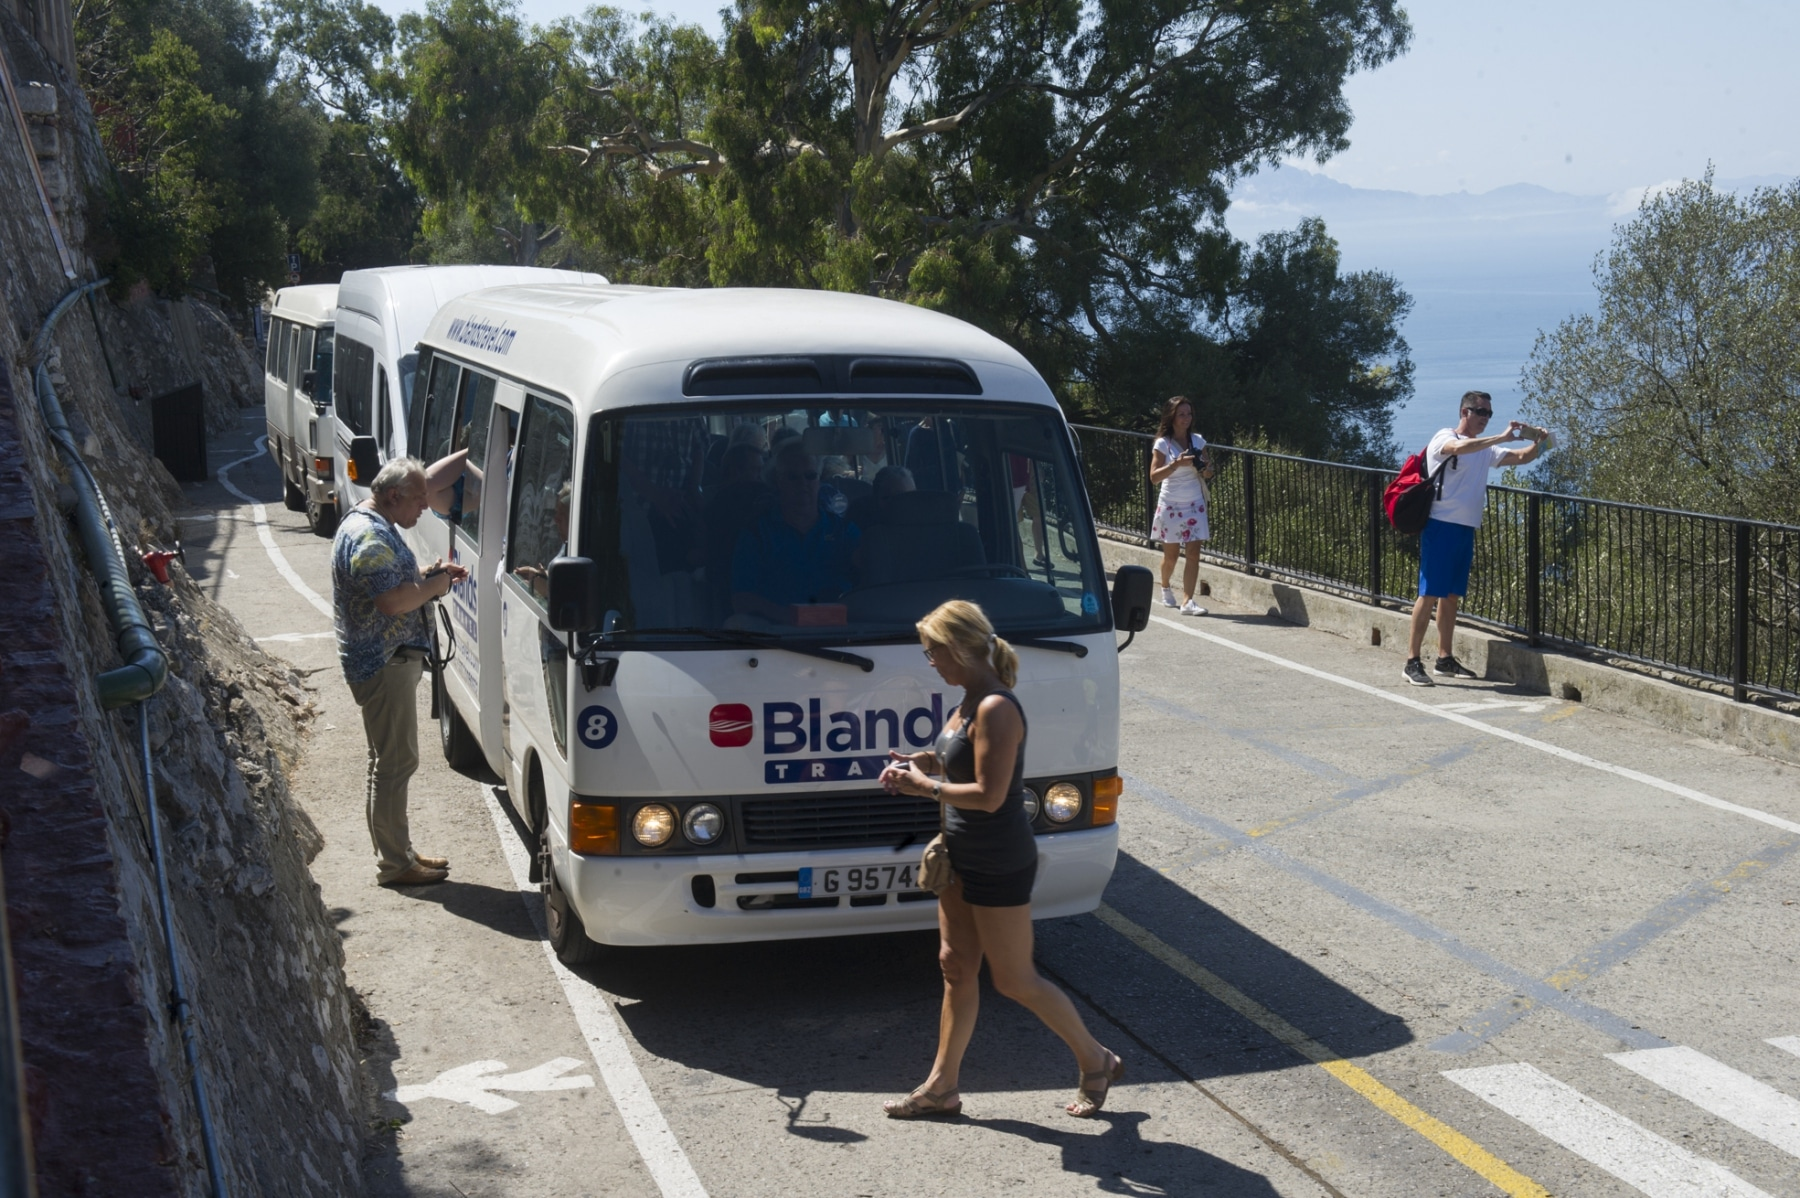 turismo-en-gibraltar-092015-485_22557108020_o